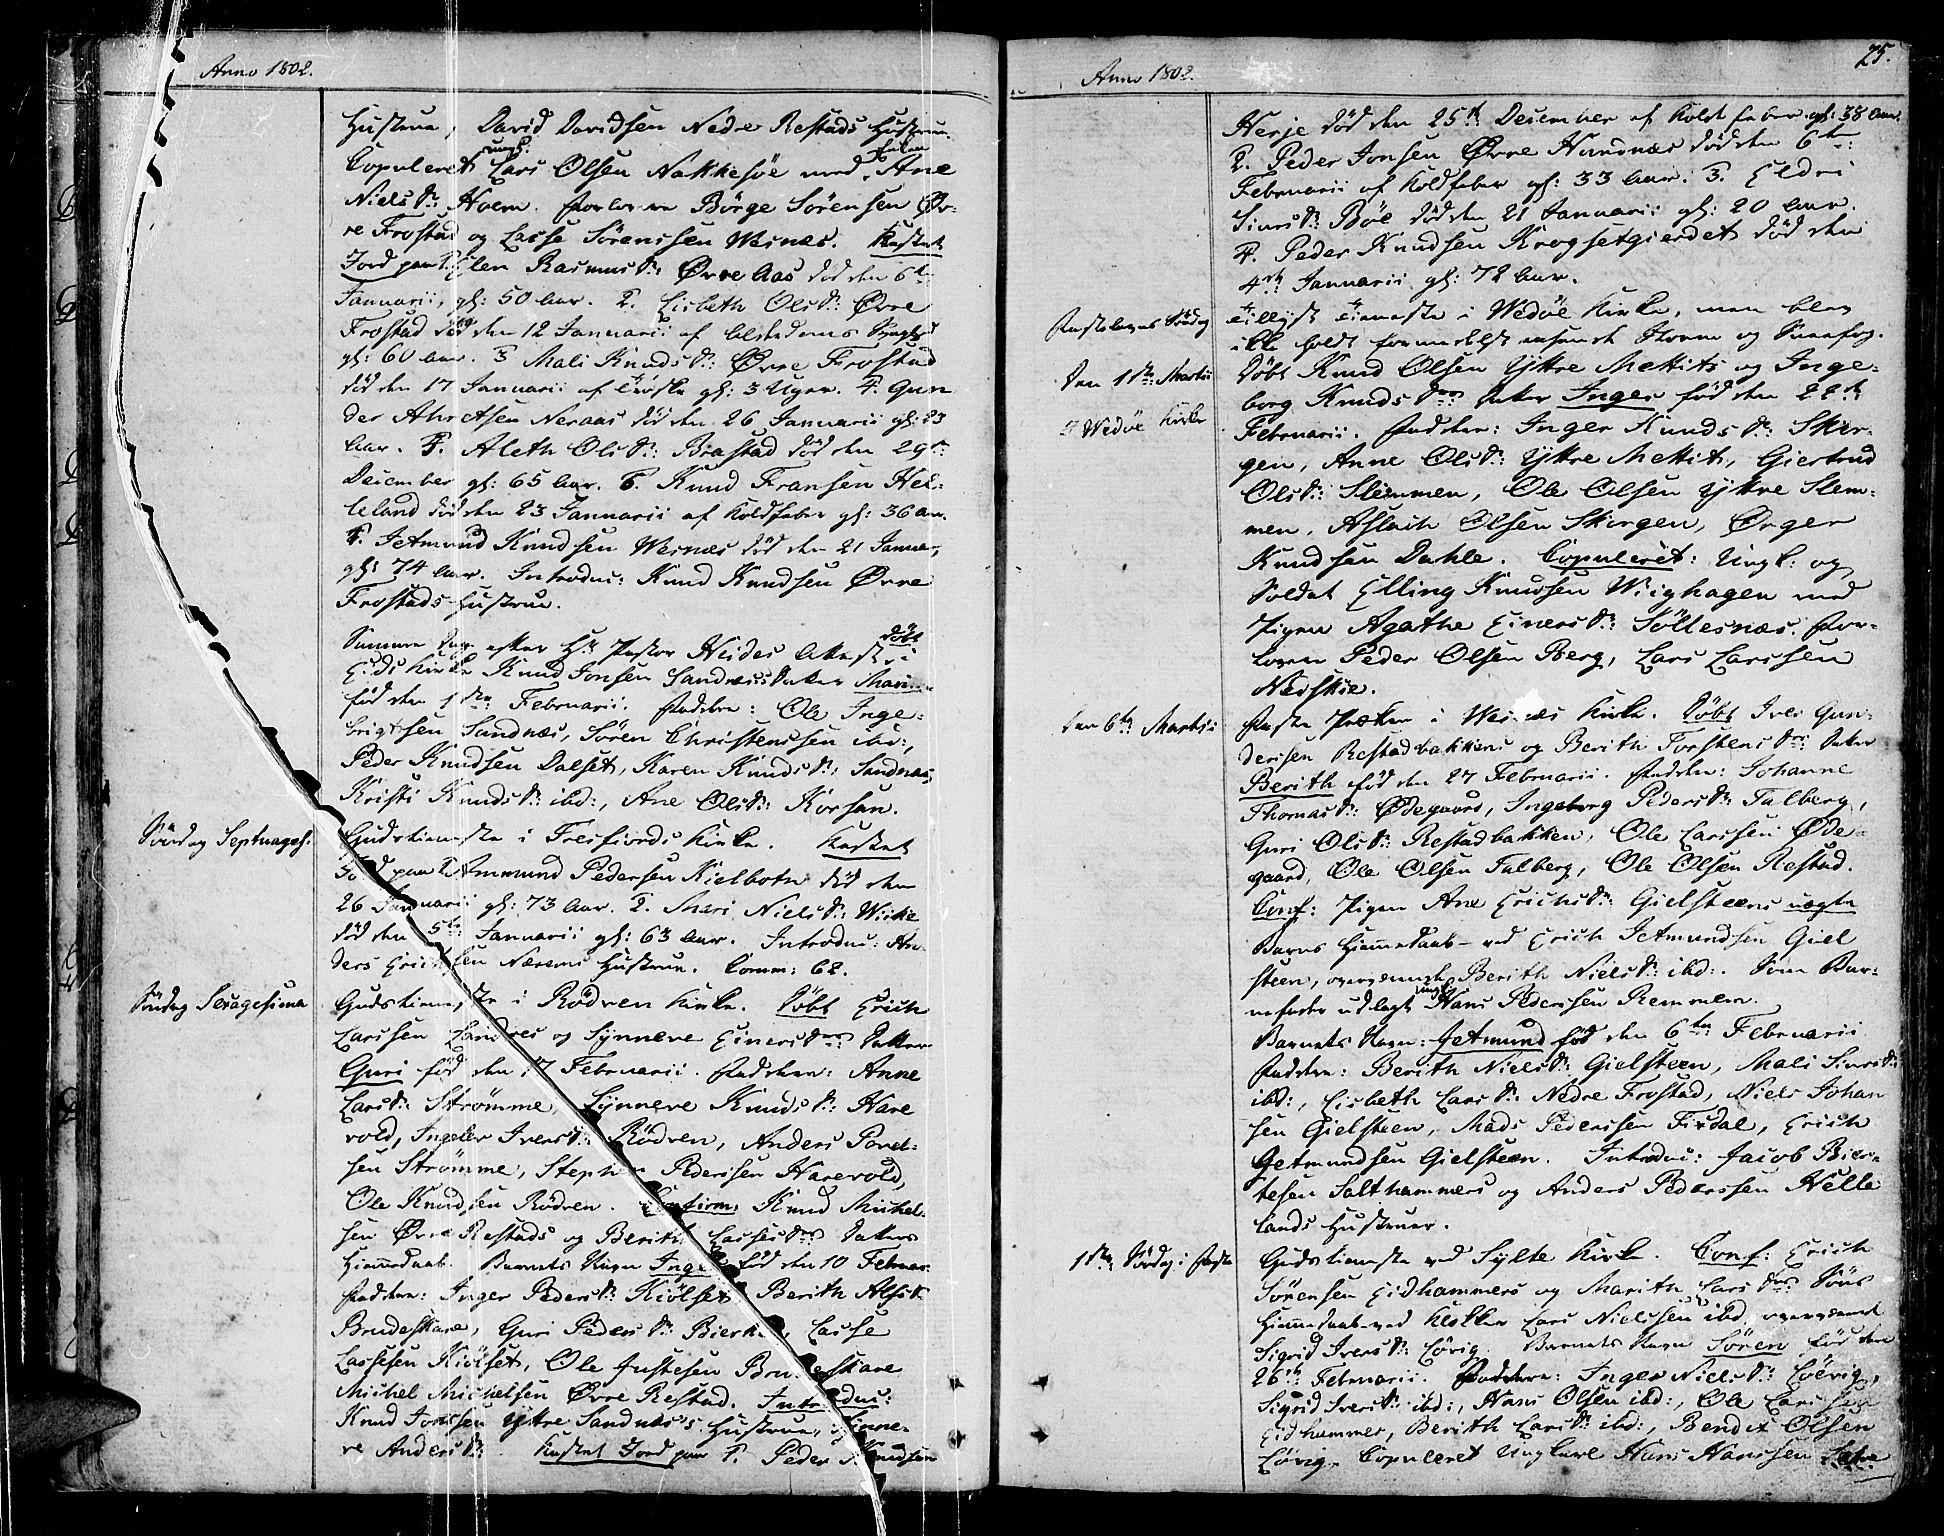 SAT, Ministerialprotokoller, klokkerbøker og fødselsregistre - Møre og Romsdal, 547/L0601: Ministerialbok nr. 547A03, 1799-1818, s. 25